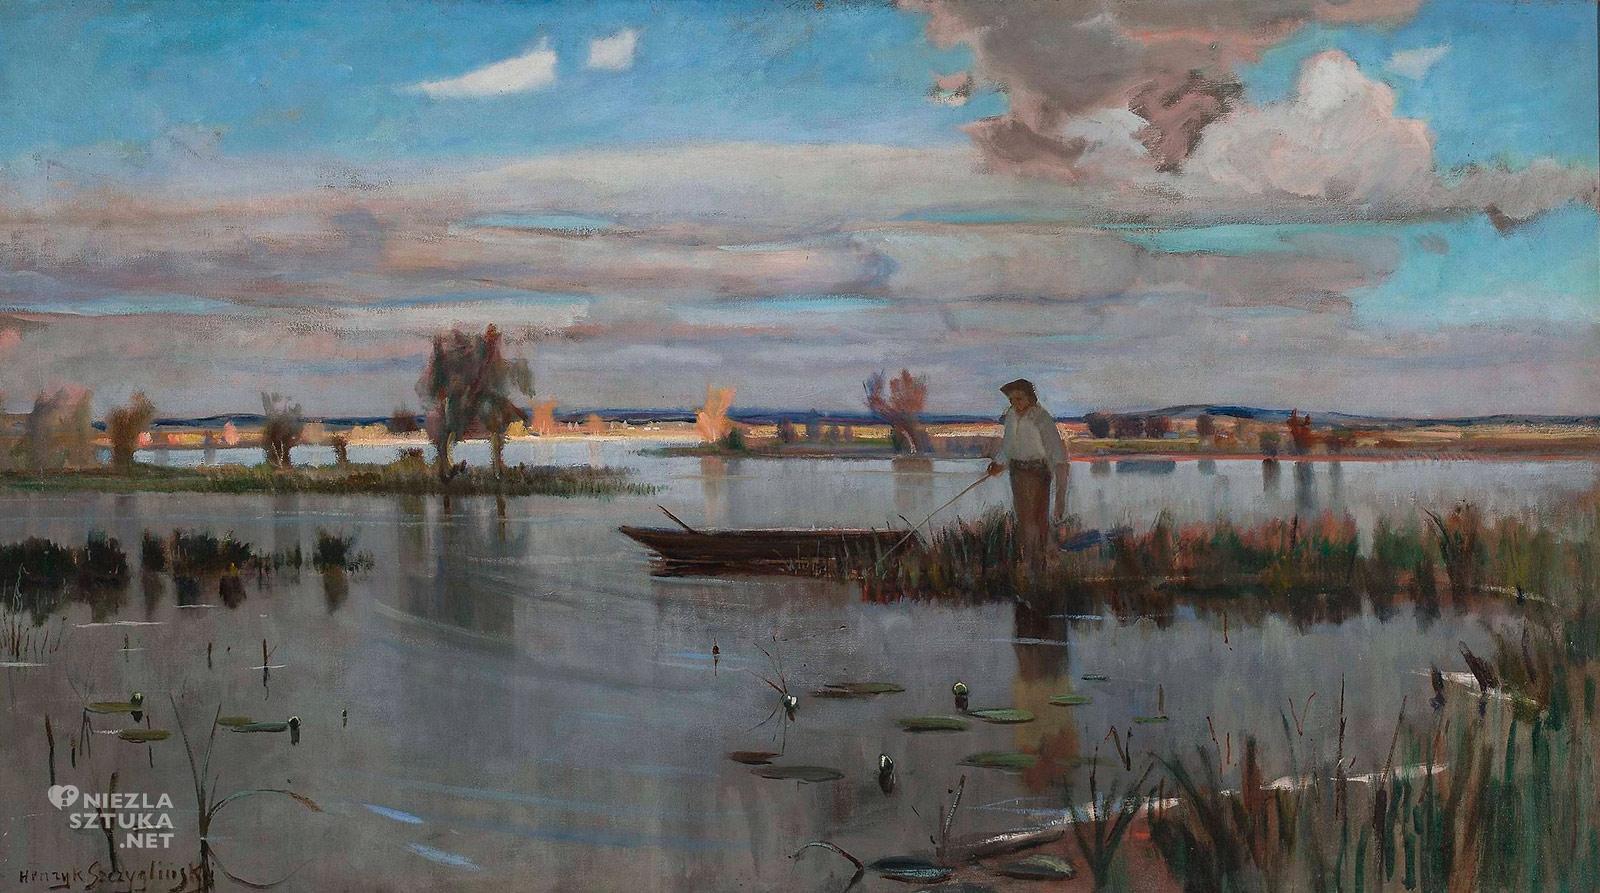 Henryk Szczygliński, Rybak na jeziorze, sztuka polska, malarstwo polskie, Niezła Sztuka